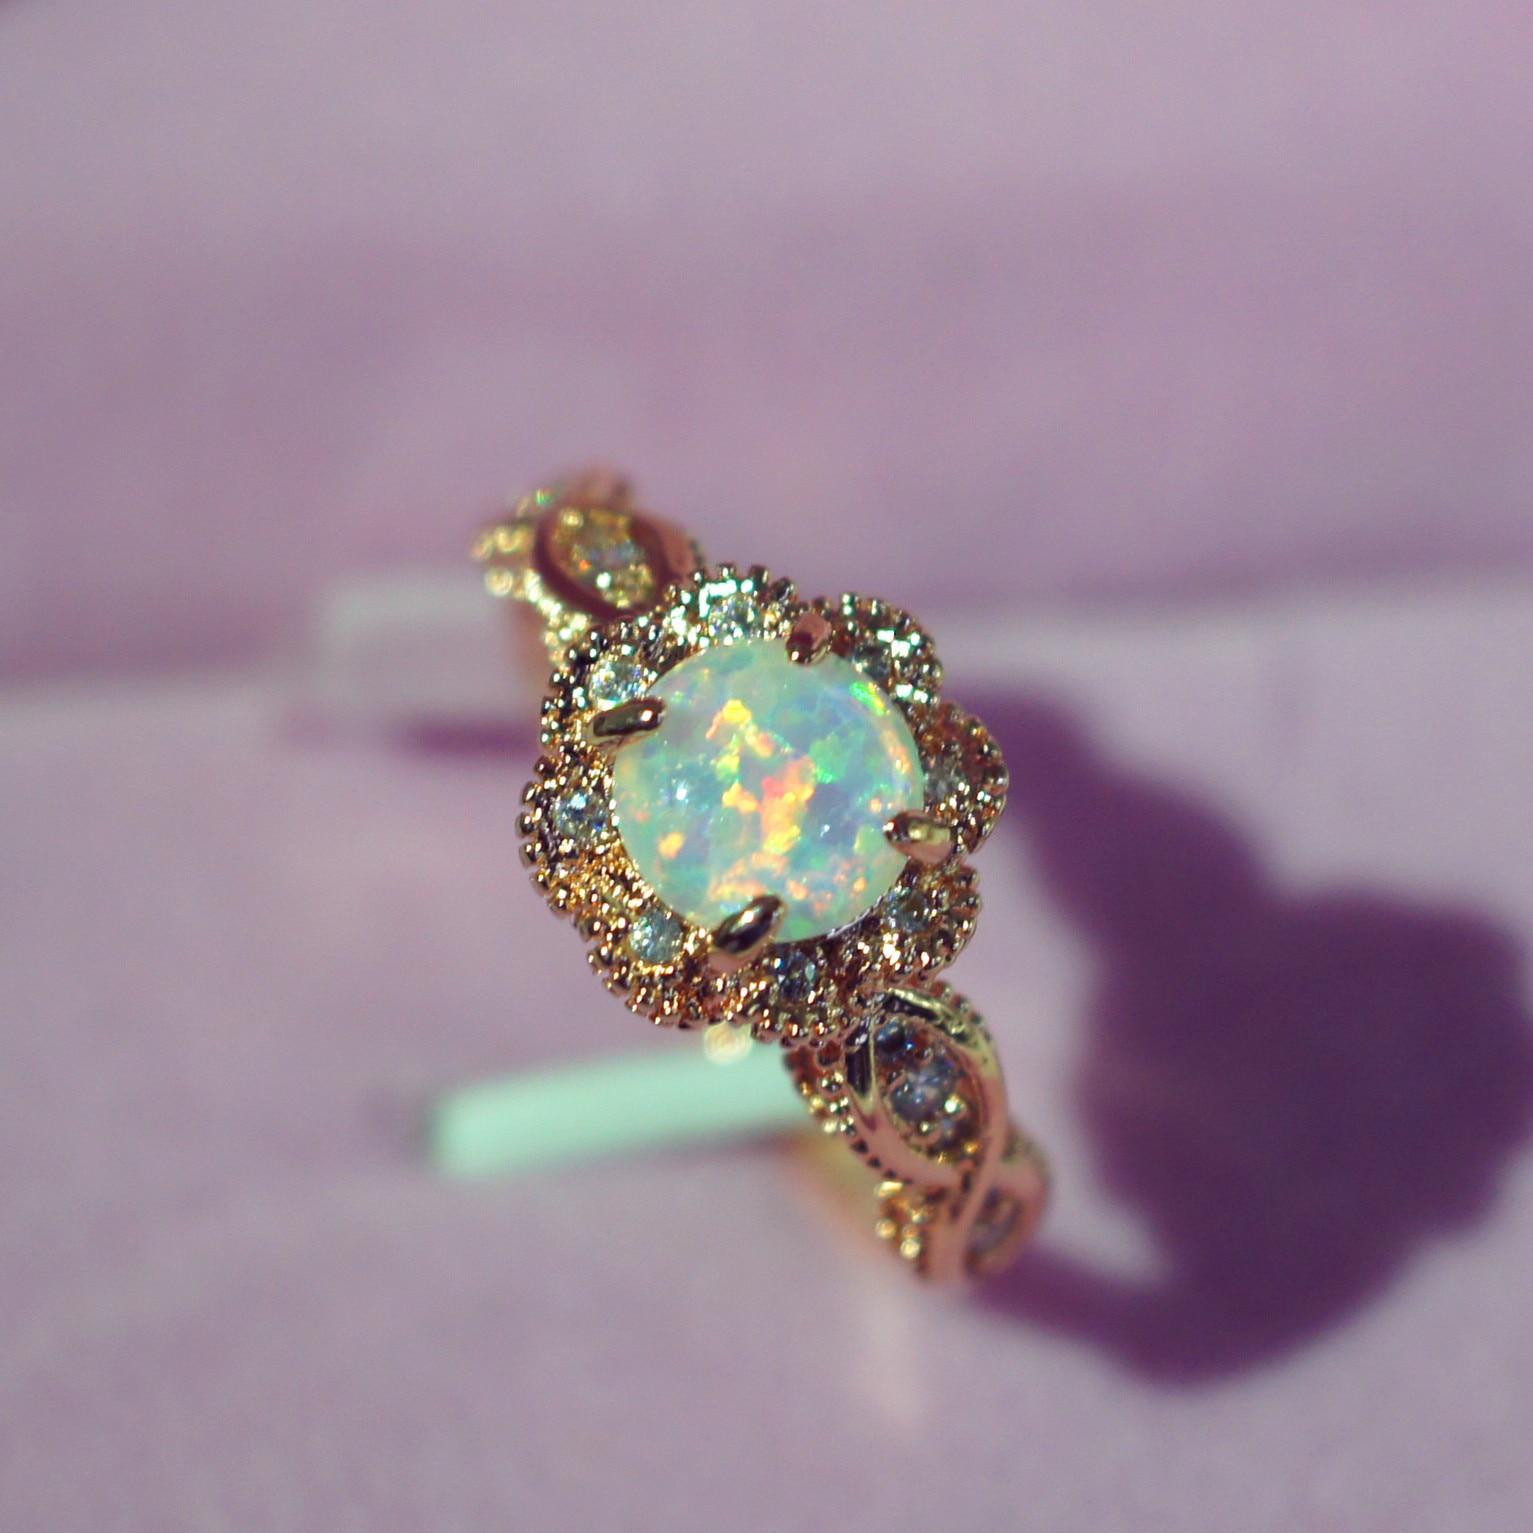 Sterling 925 Silber Opel Schließen Diamant Ringe für Frauen 14 K Rose Gold Modeschmuck Edelstein bague feine anelli donna argento